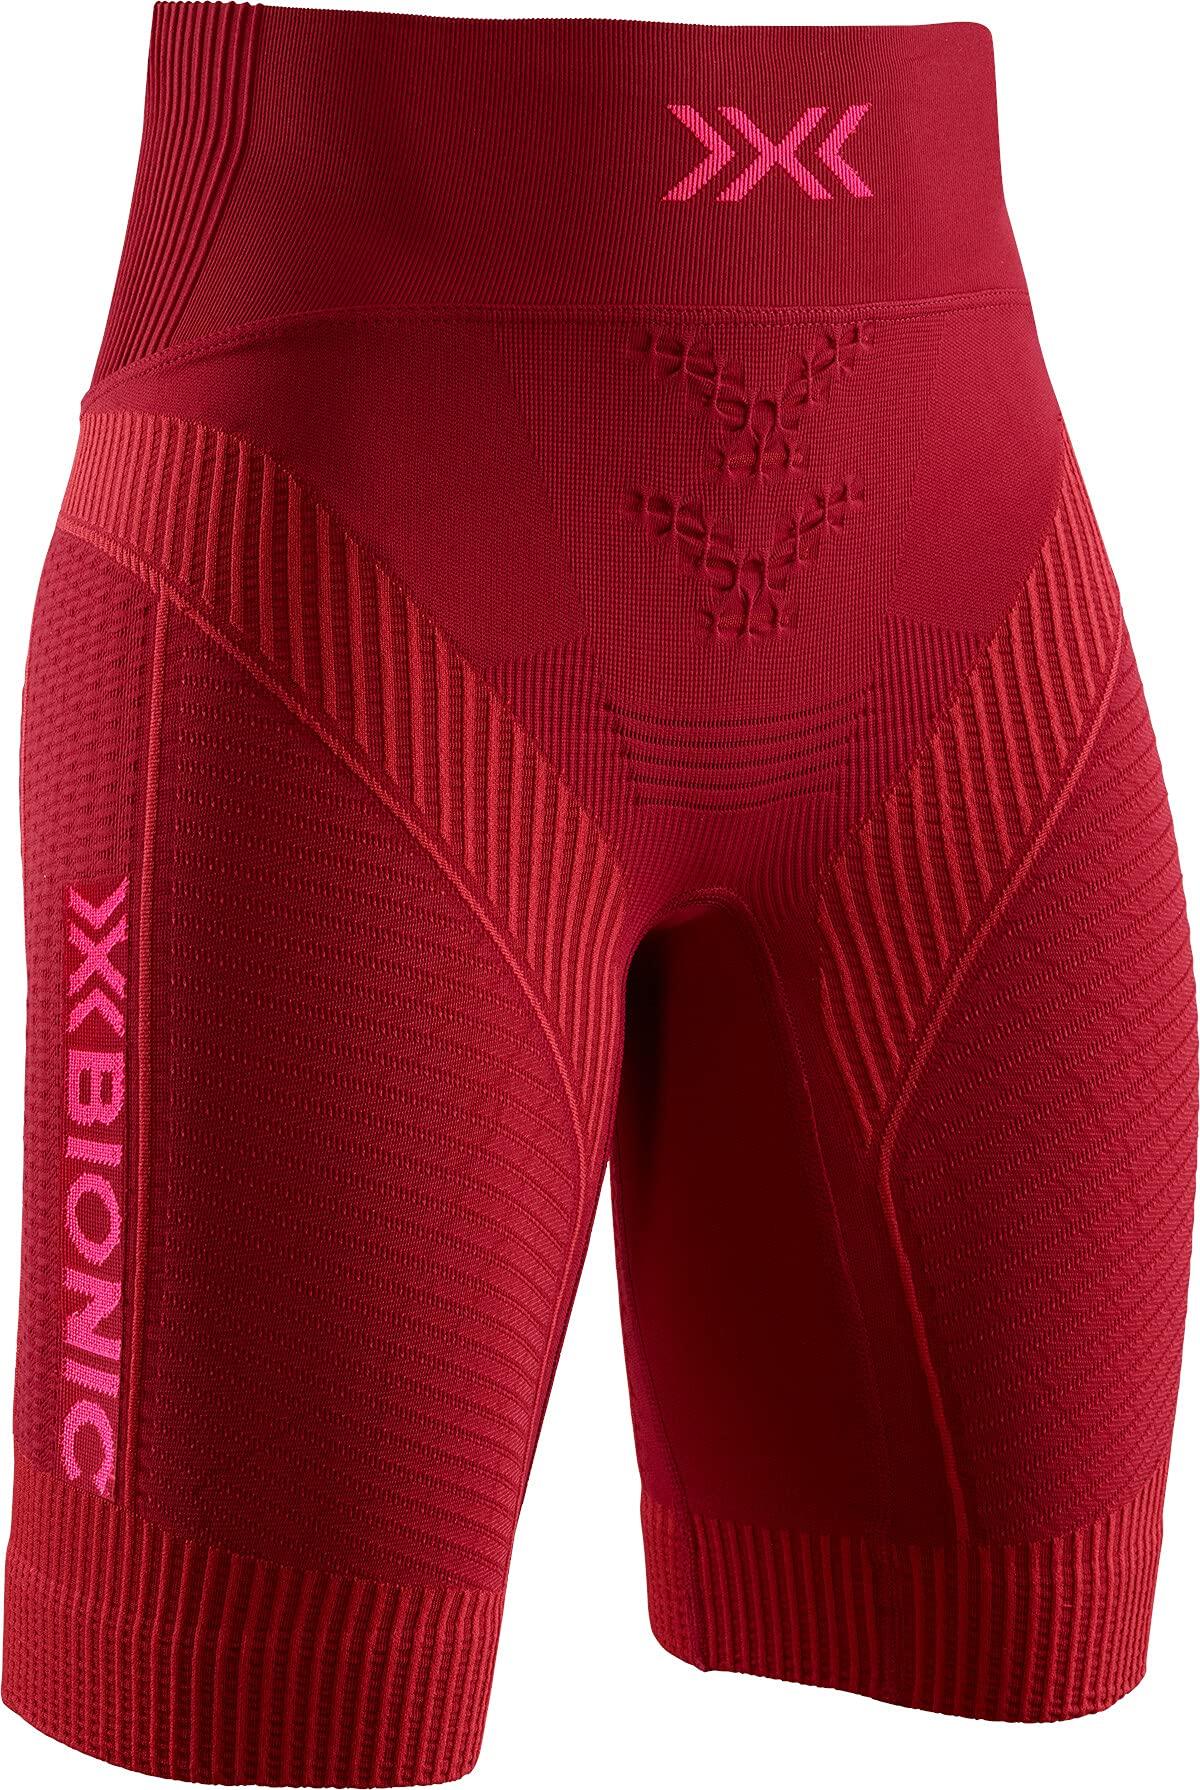 X-Bionic Damen Effektor 4.0 Running Shorts, namib red/Neon Flamingo, XL